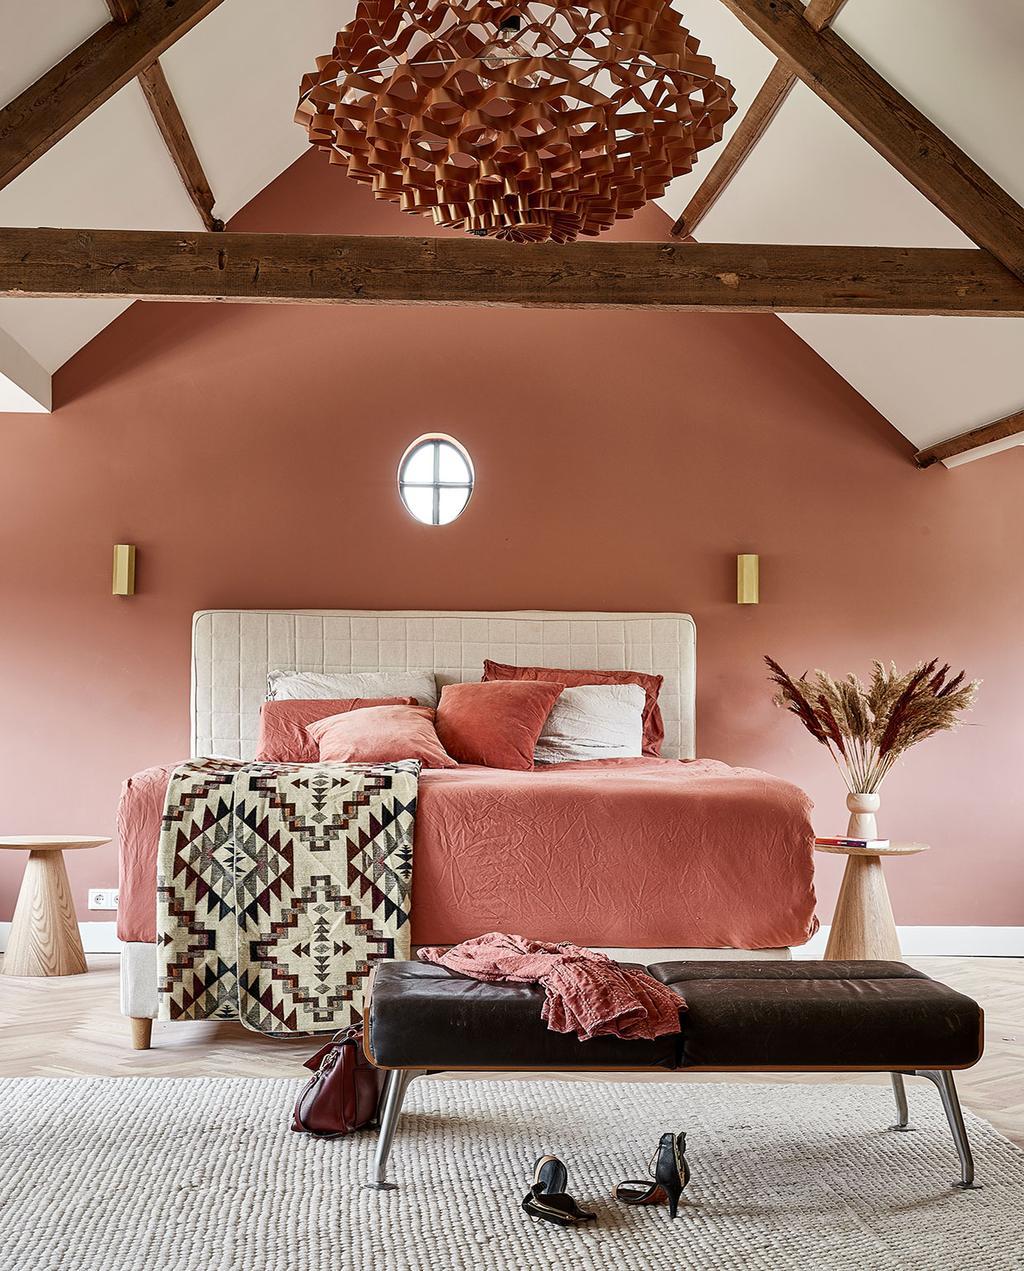 vtwonen 05-2021 | slaapkamer met schuin dak en houten balken, met een roze opgemaakt bed